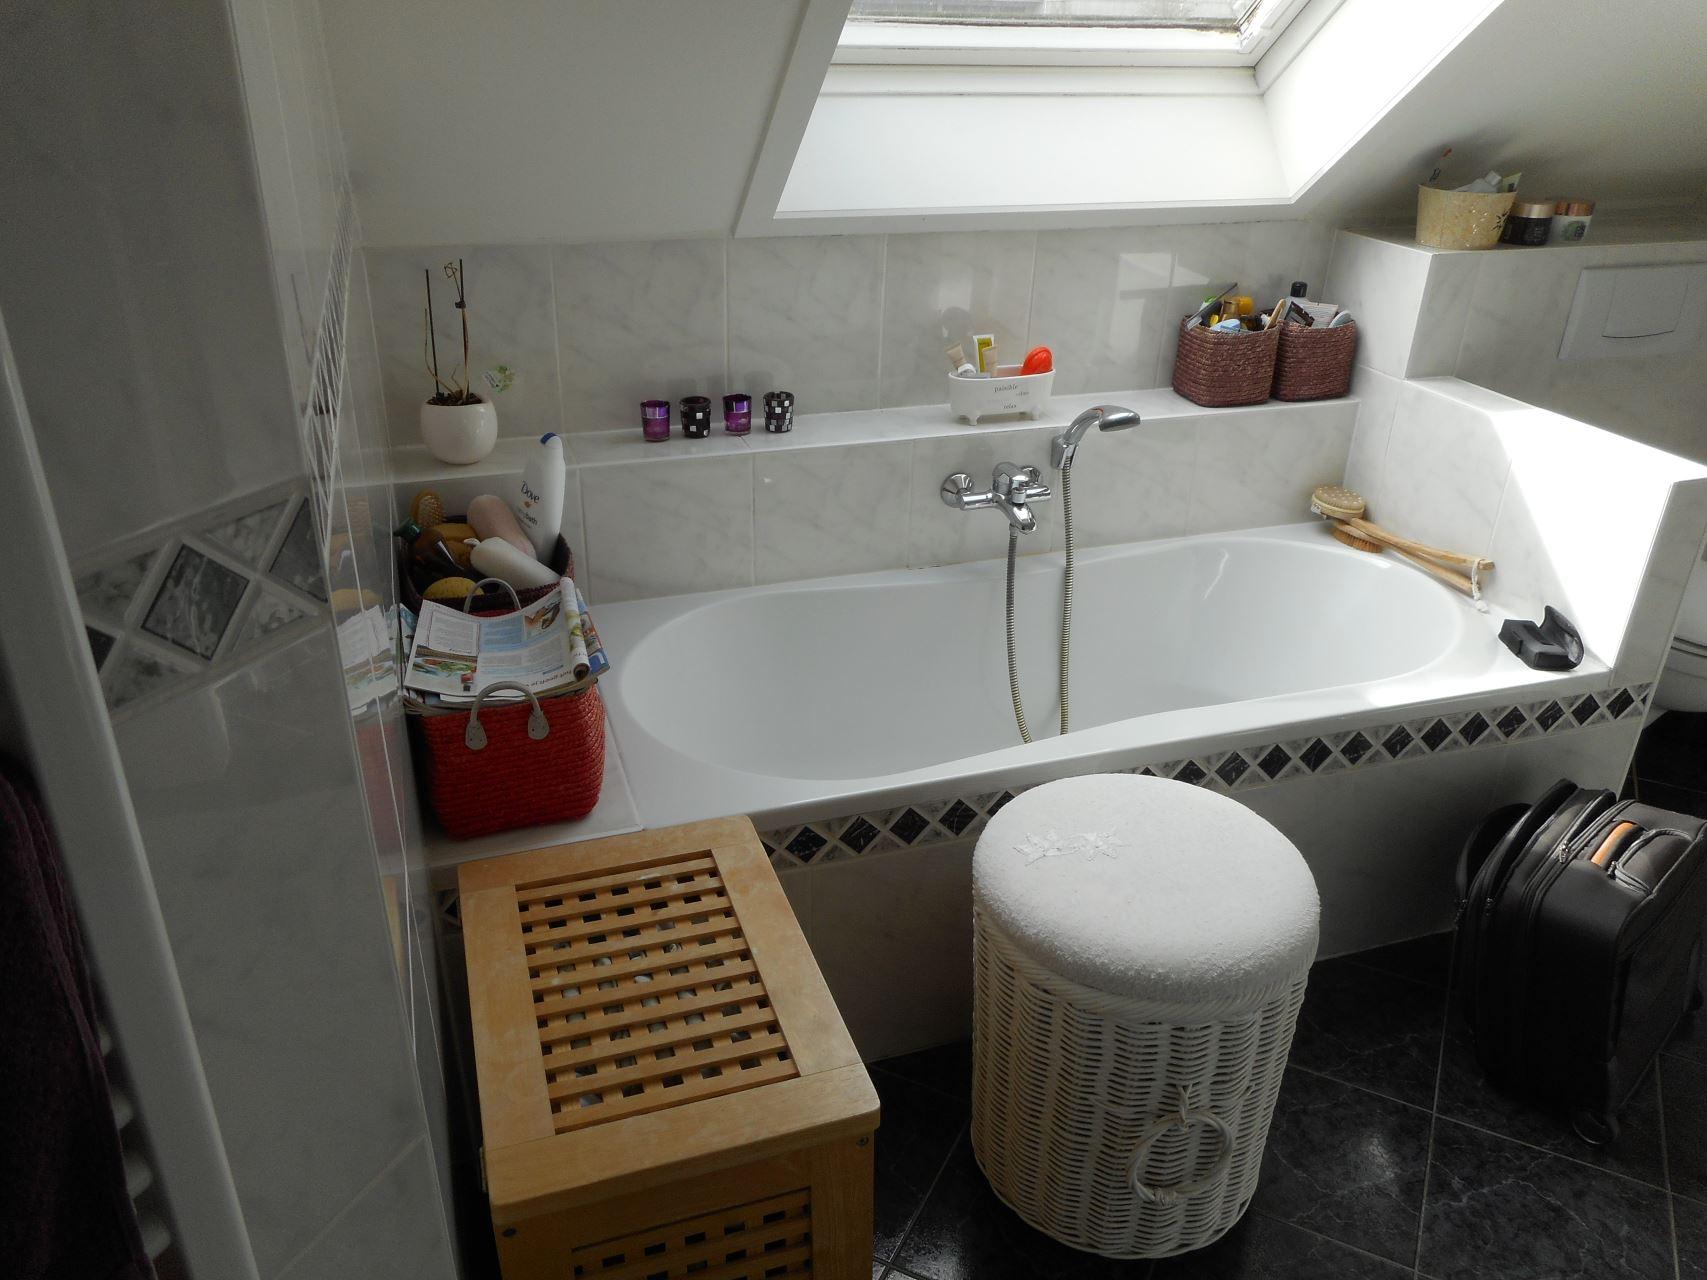 Renovatie Badkamer Knokke : Totale renovatie met bad douche nieuwe vloer te knokke